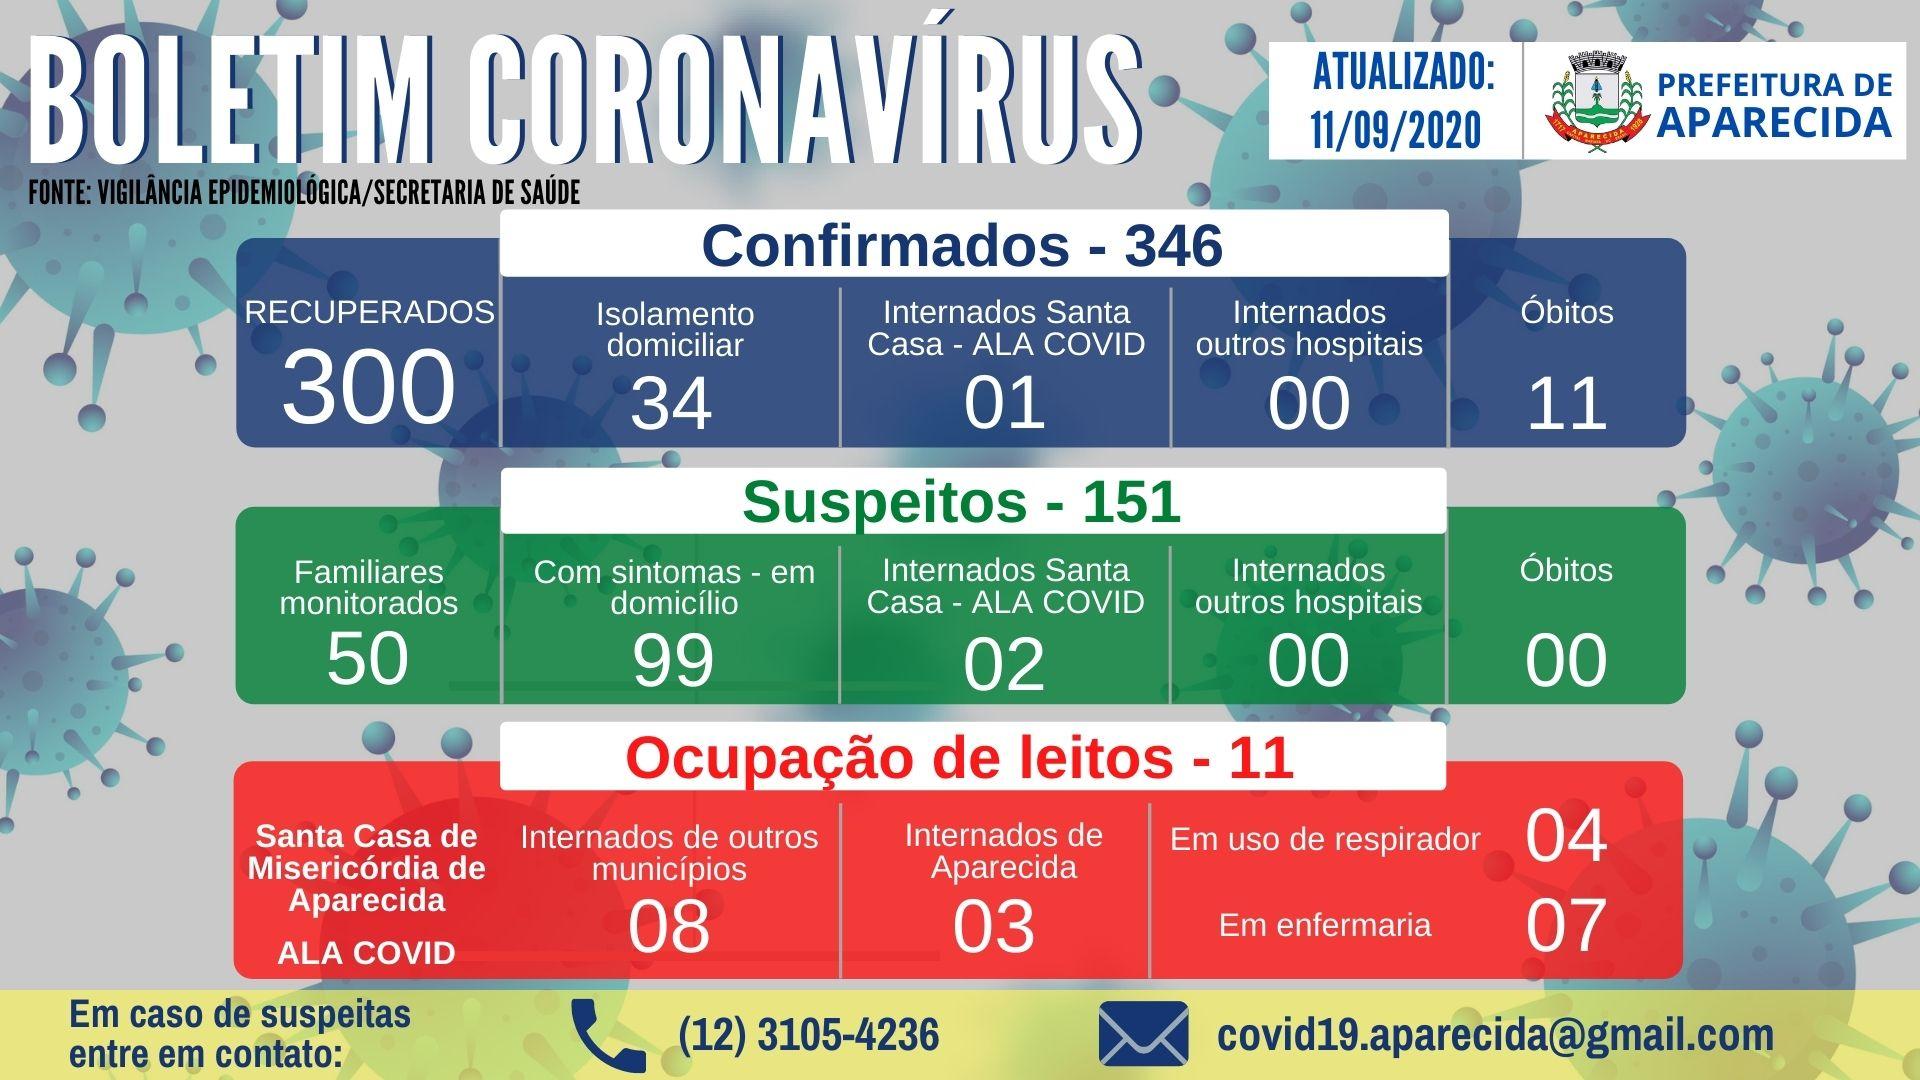 Boletim Coronavírus (3)